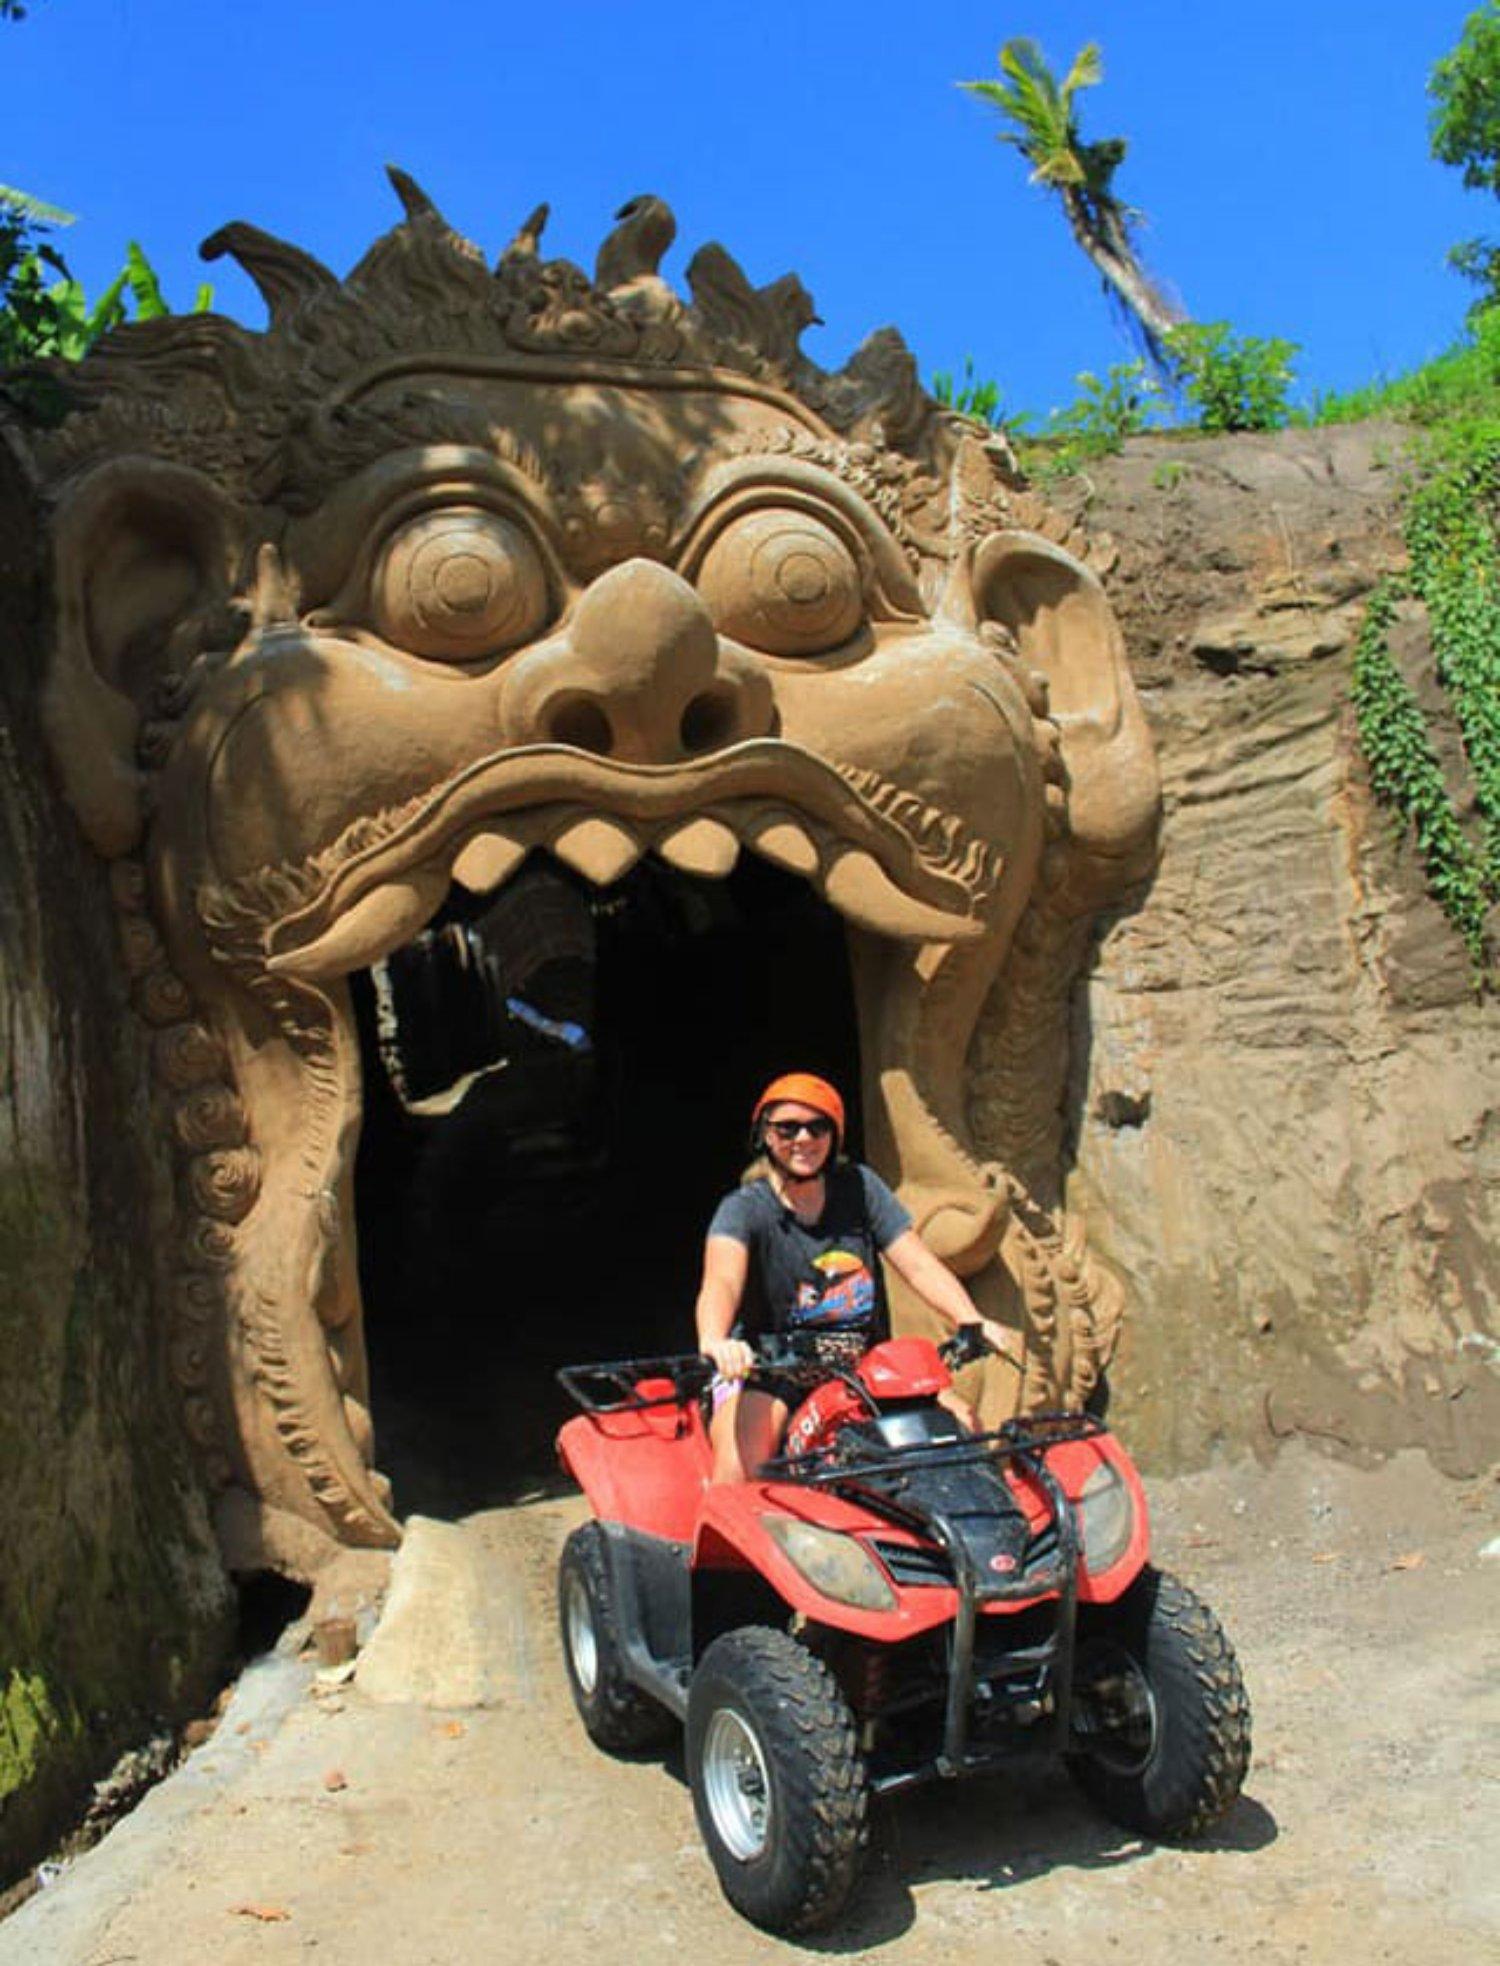 Bali Quad Bike Adventure Get Through Cave Route